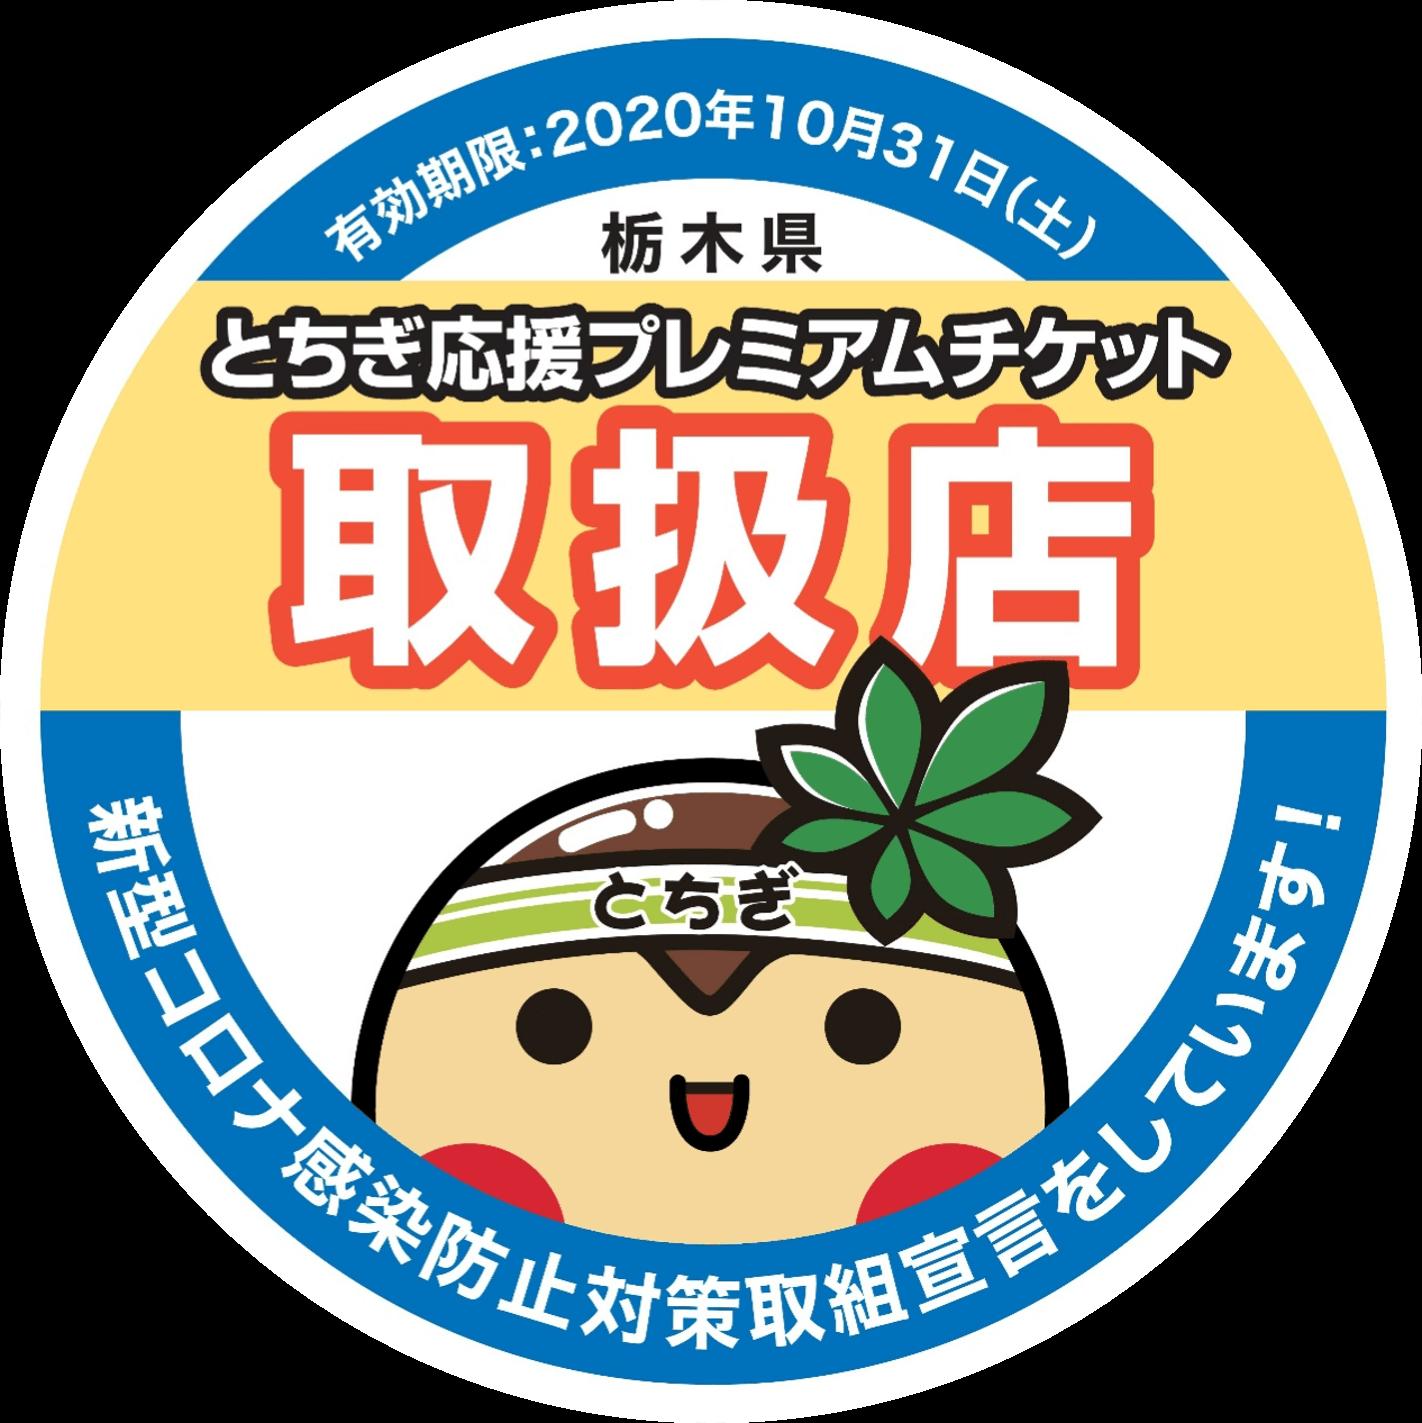 栃木応援プレミアムチケット